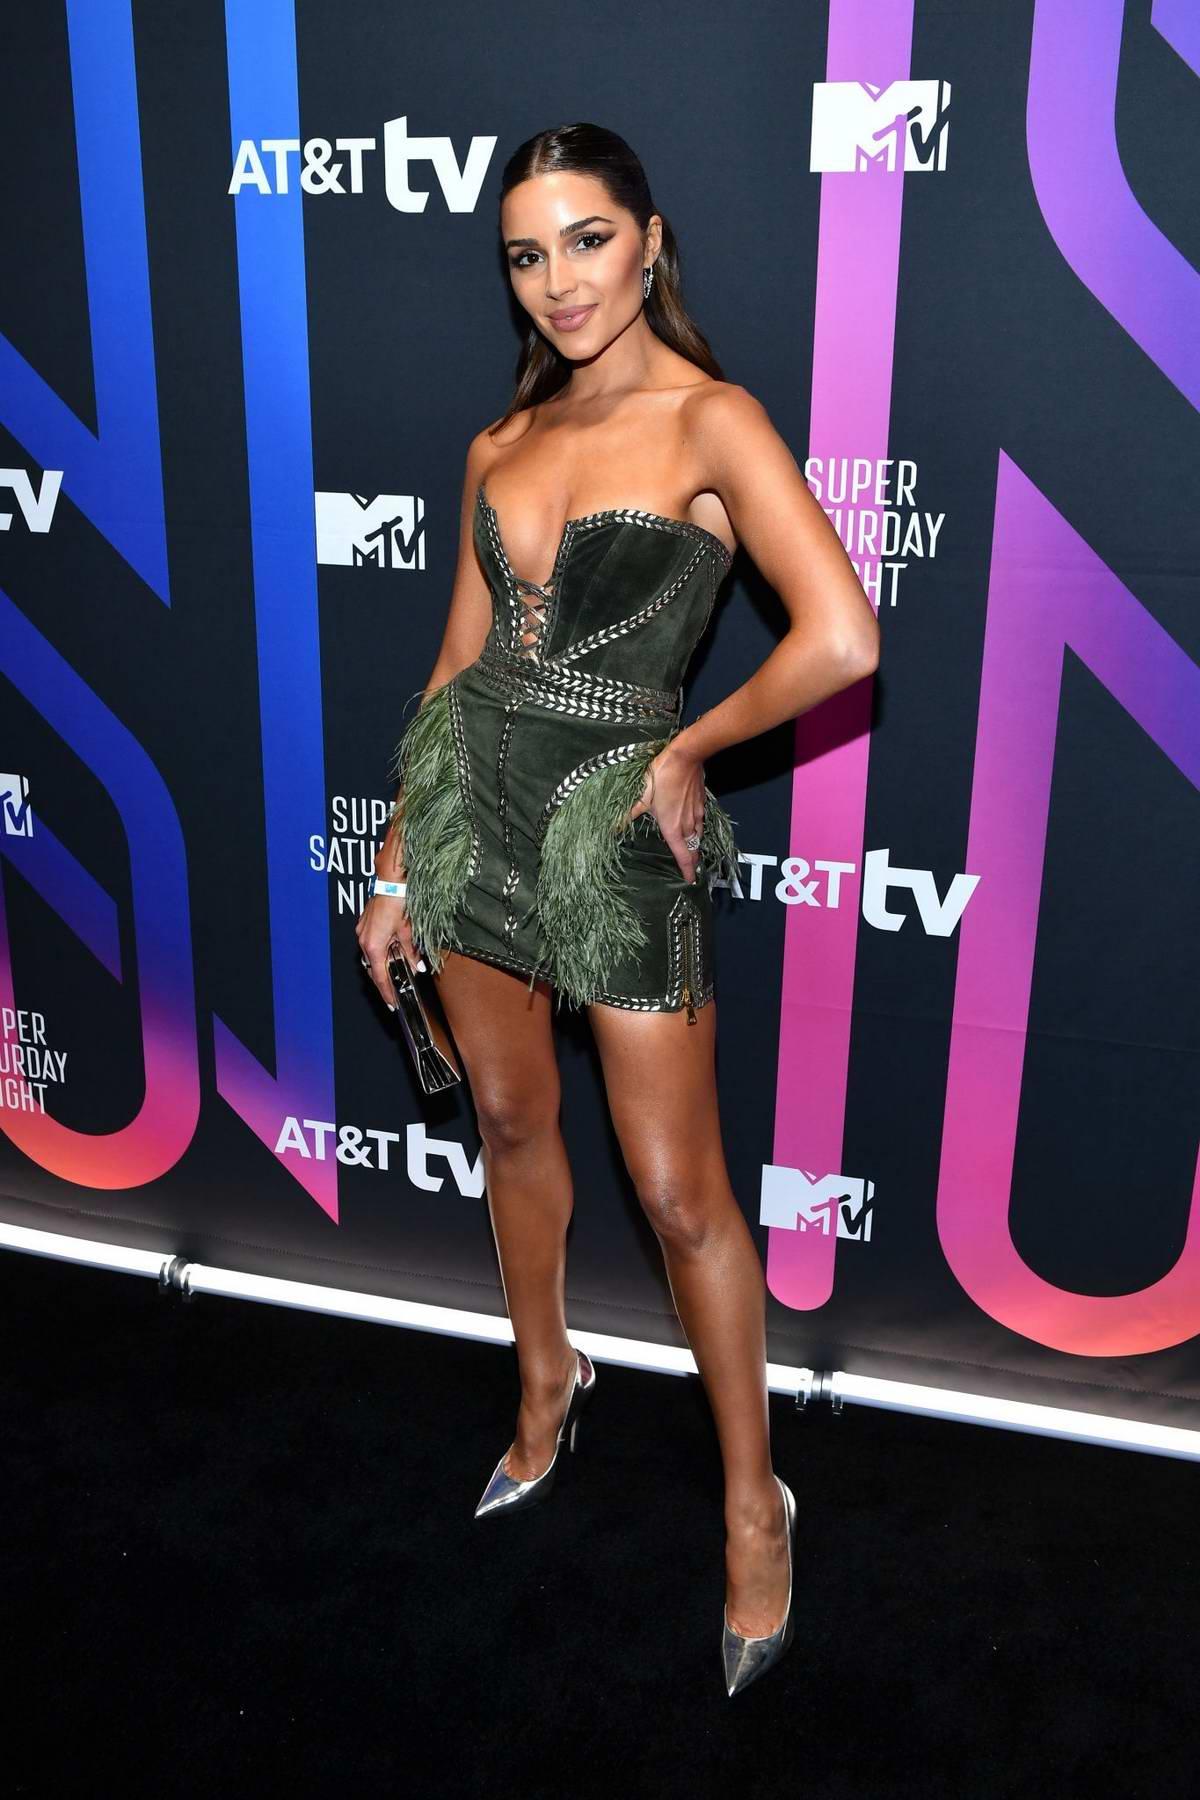 Olivia Culpo attends the AT&T TV Super Saturday Night in Miami, Florida